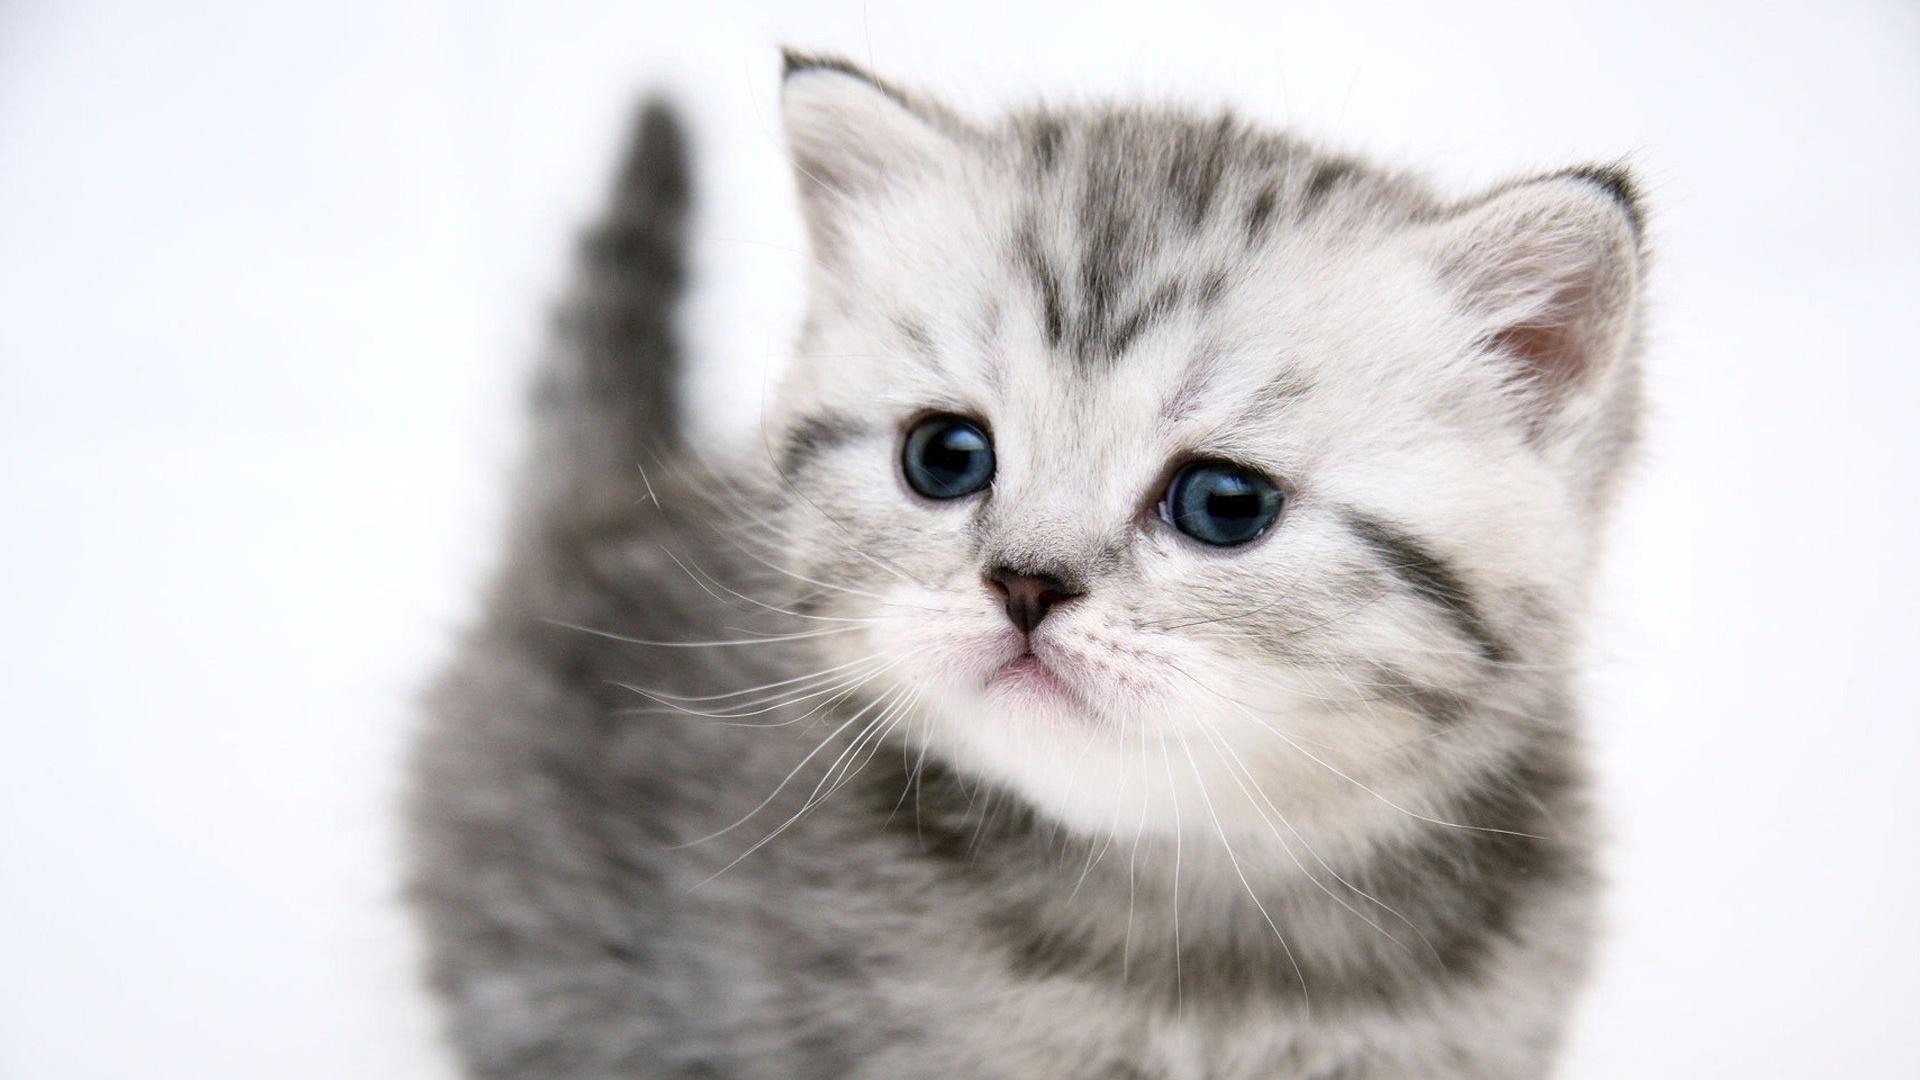 猫 壁紙 1920x1080 壁紙 ダウンロード かわいい 子猫 猫